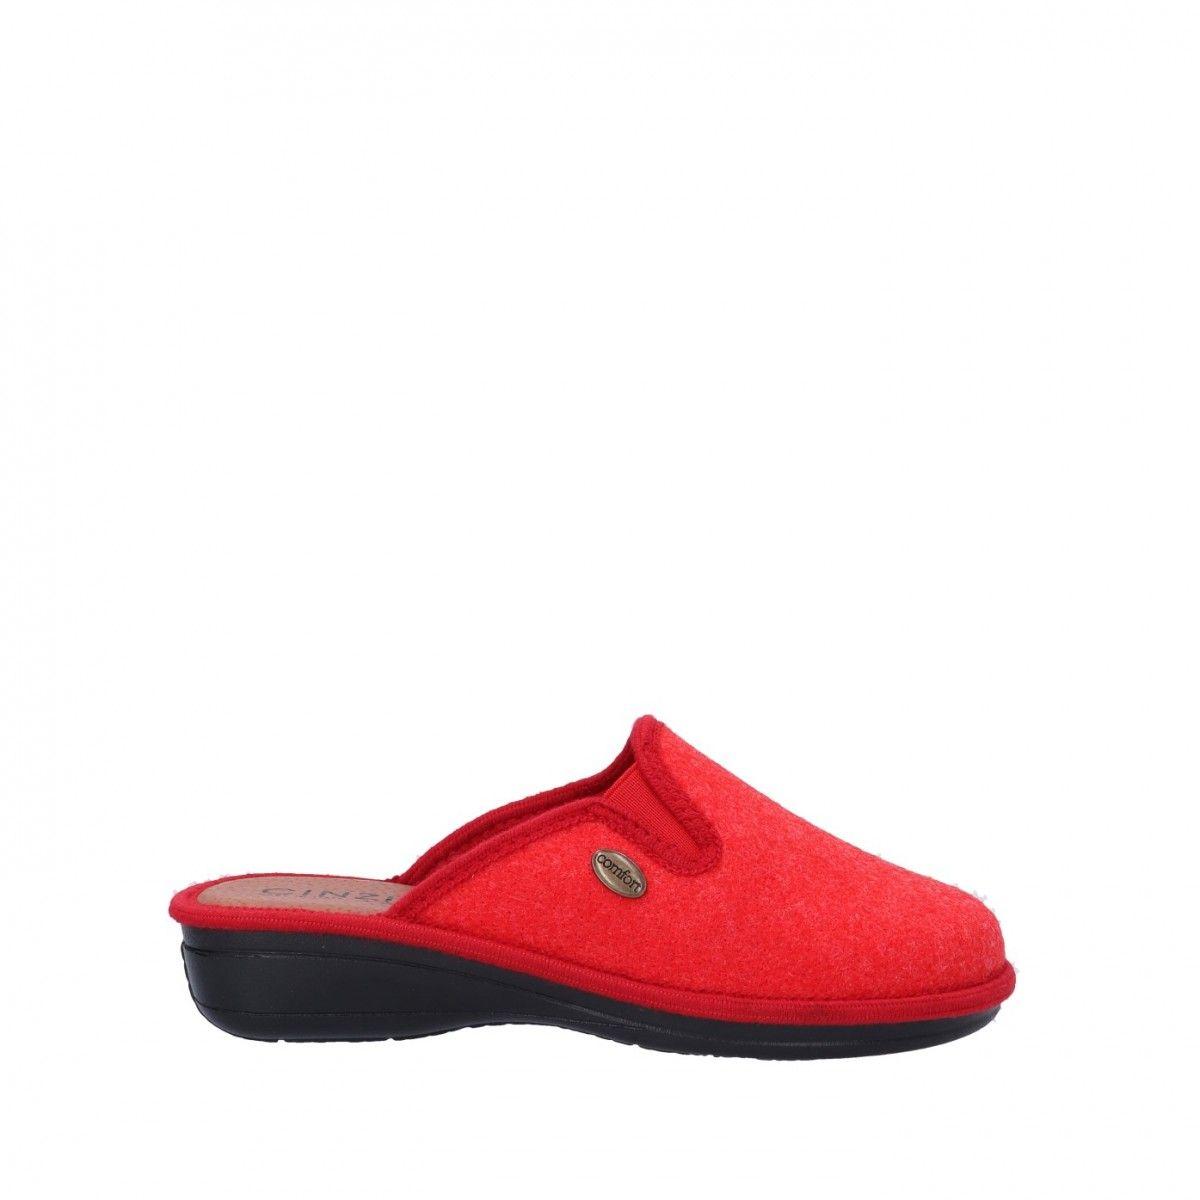 Cinzia soft Pantofola Rosso...